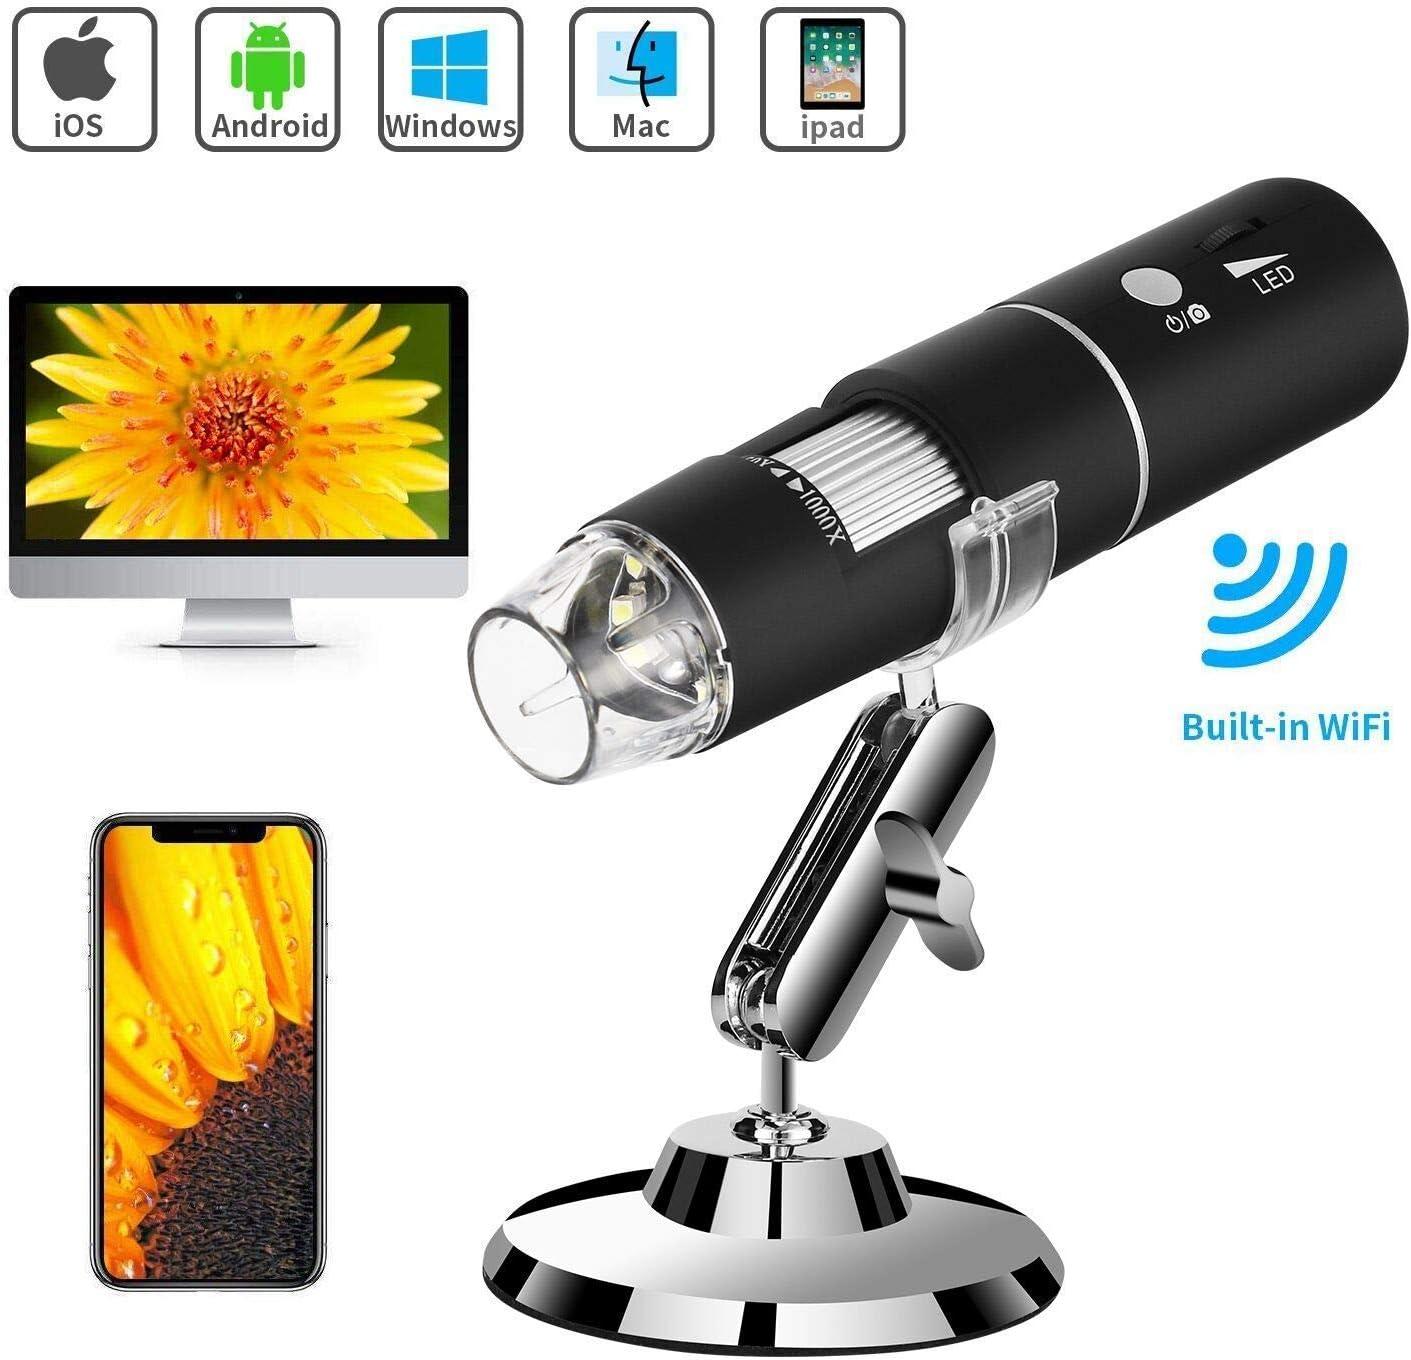 Wireless depot Digital Microscope Amabana Sale item WiFi 1000X with